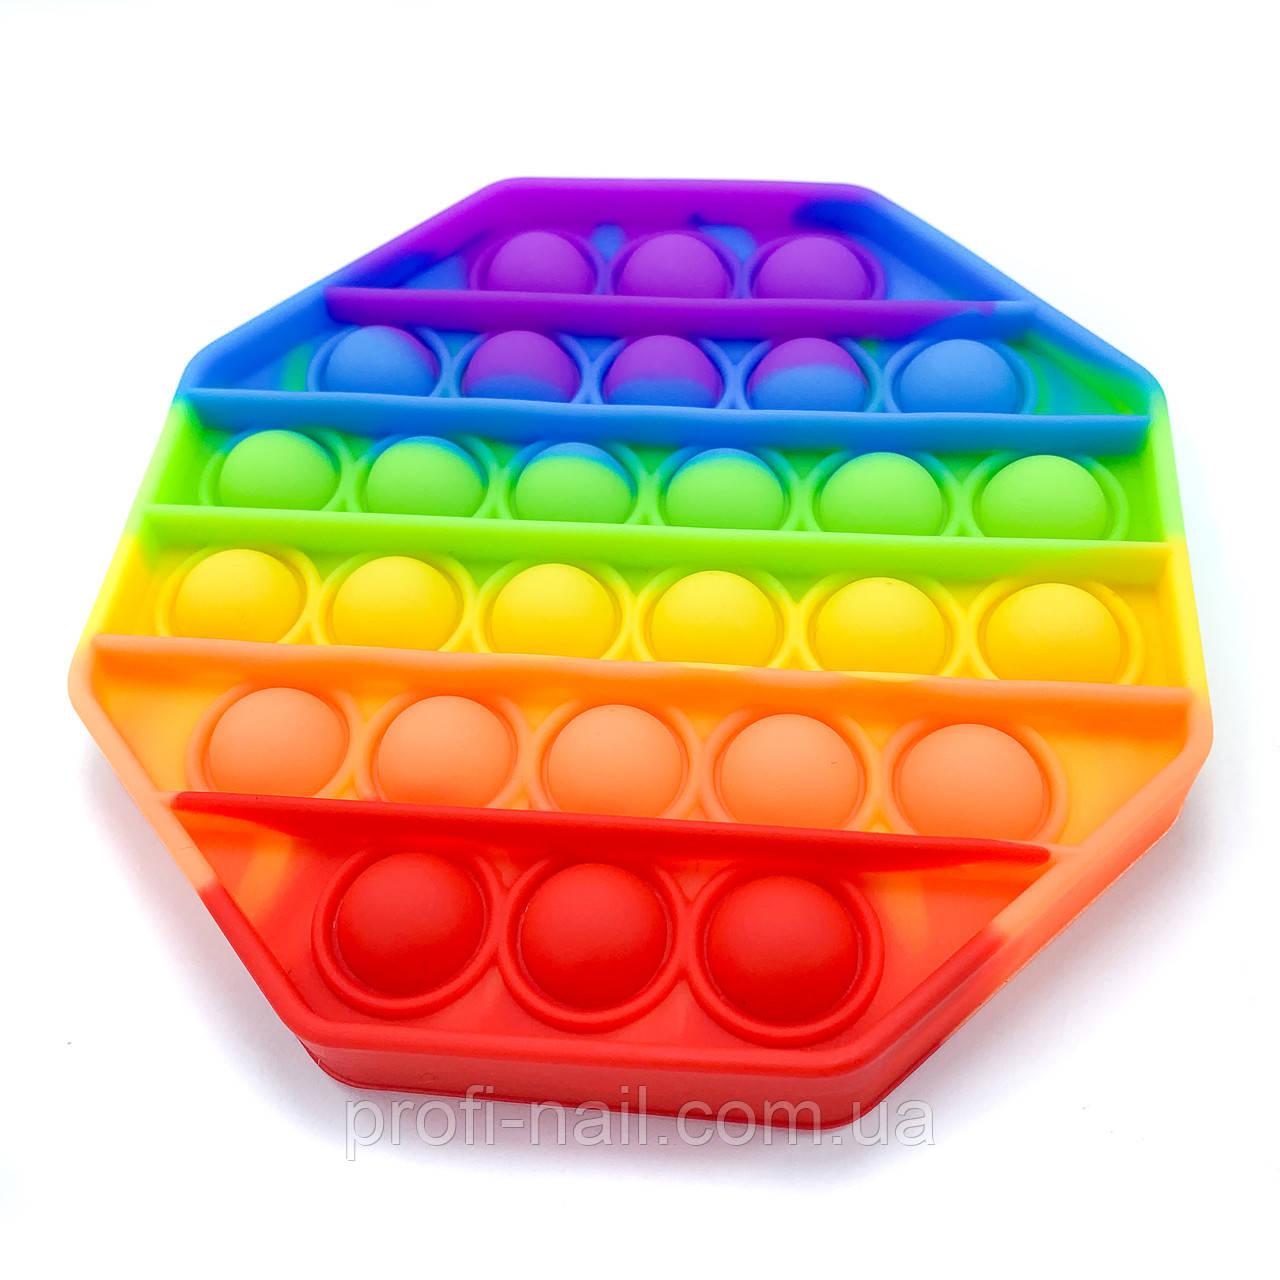 Іграшка антистрес Pop It, вічна пупырка Восьмикутник